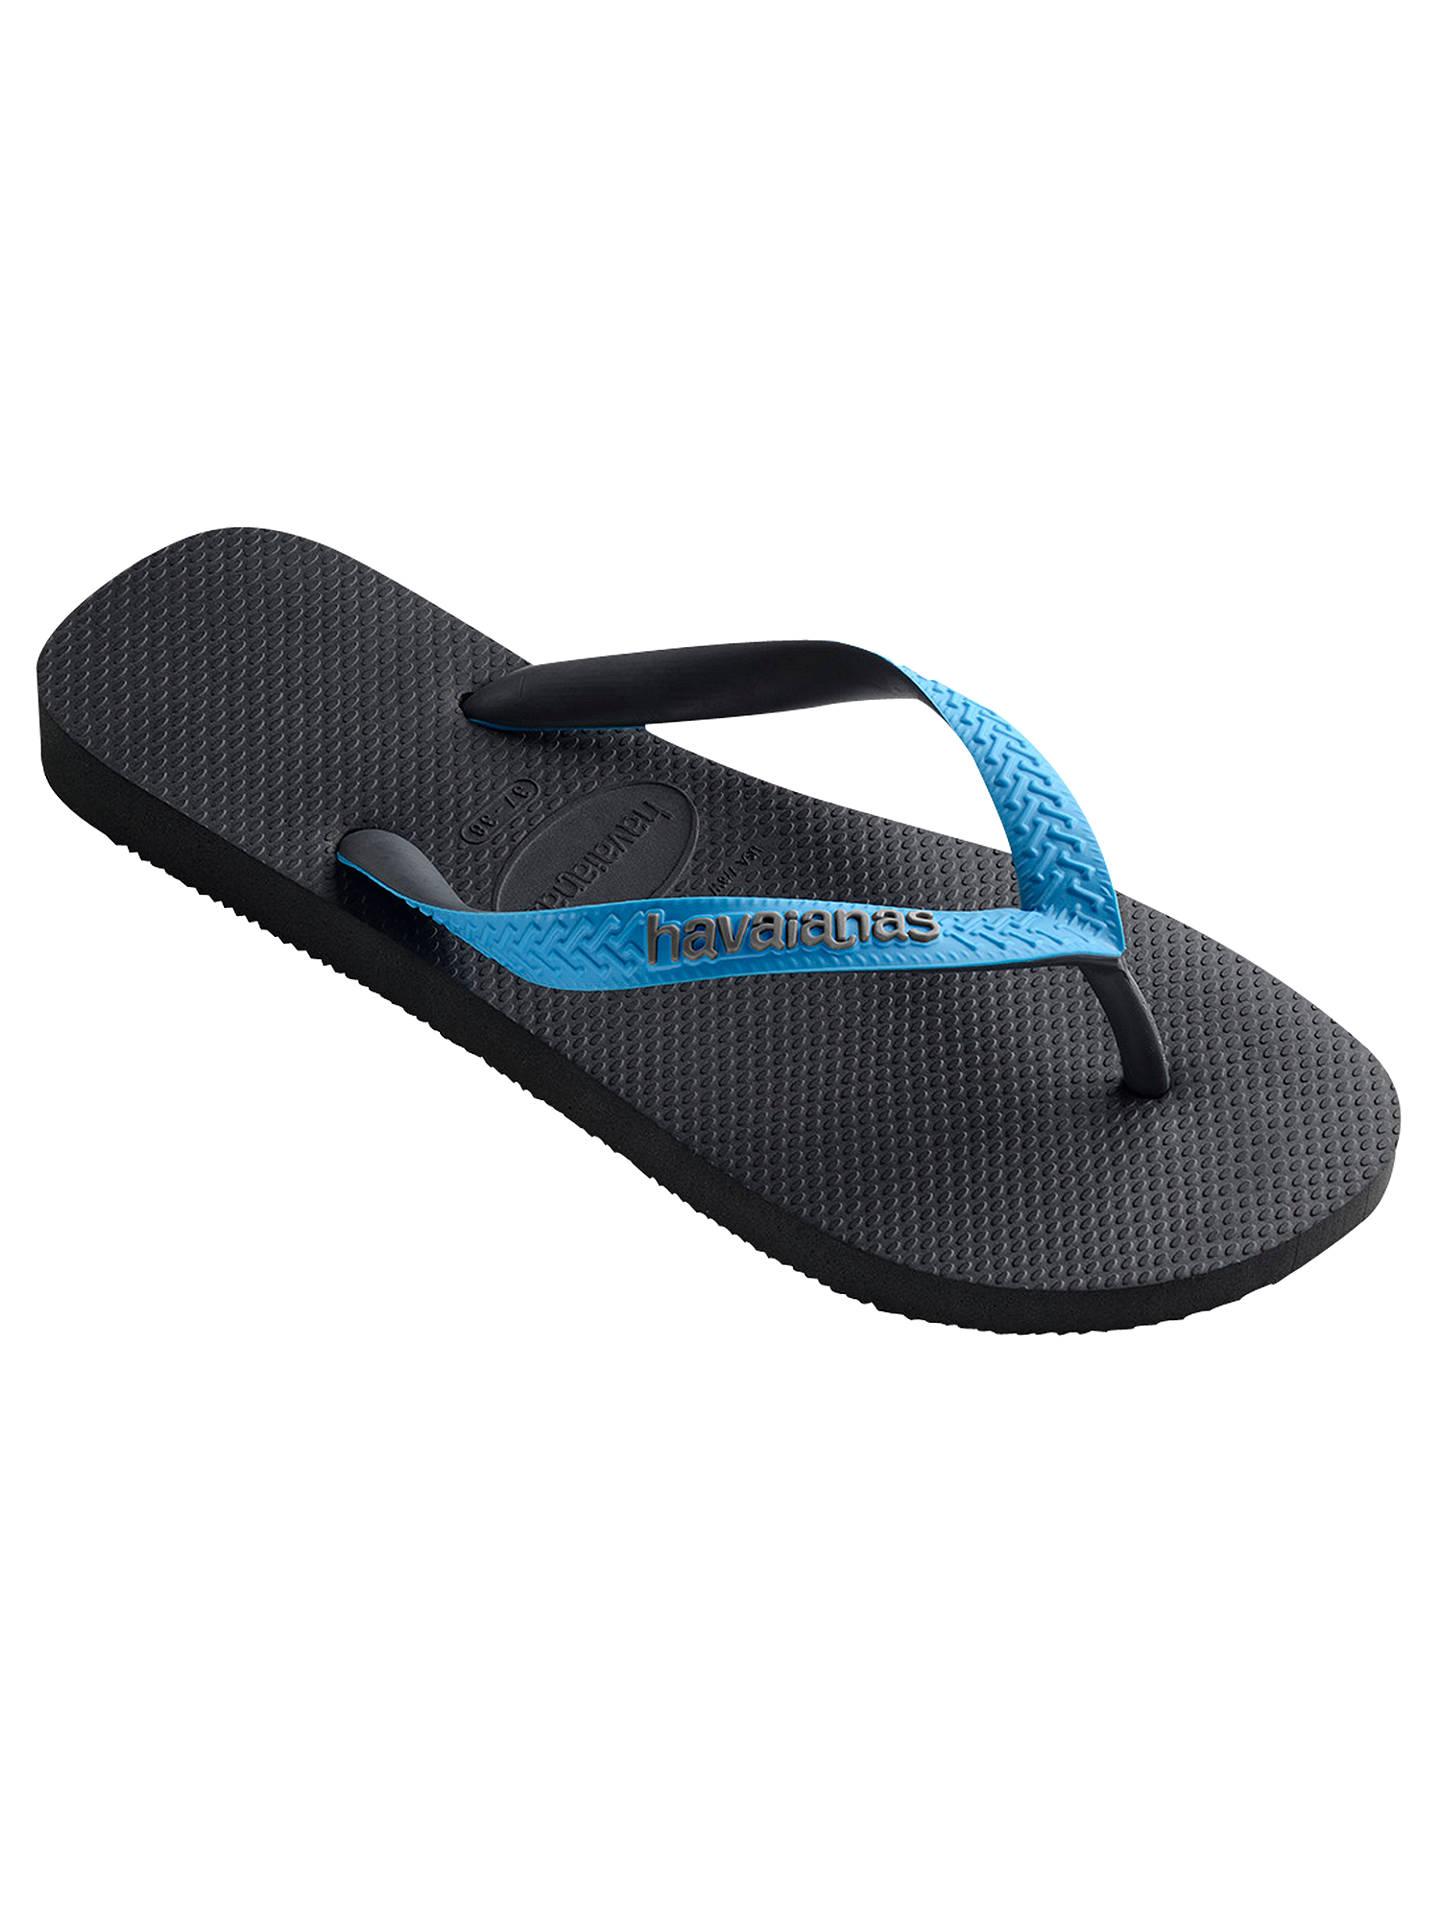 8a6258678b29 Buy Havaianas Top Mix Flip Flops